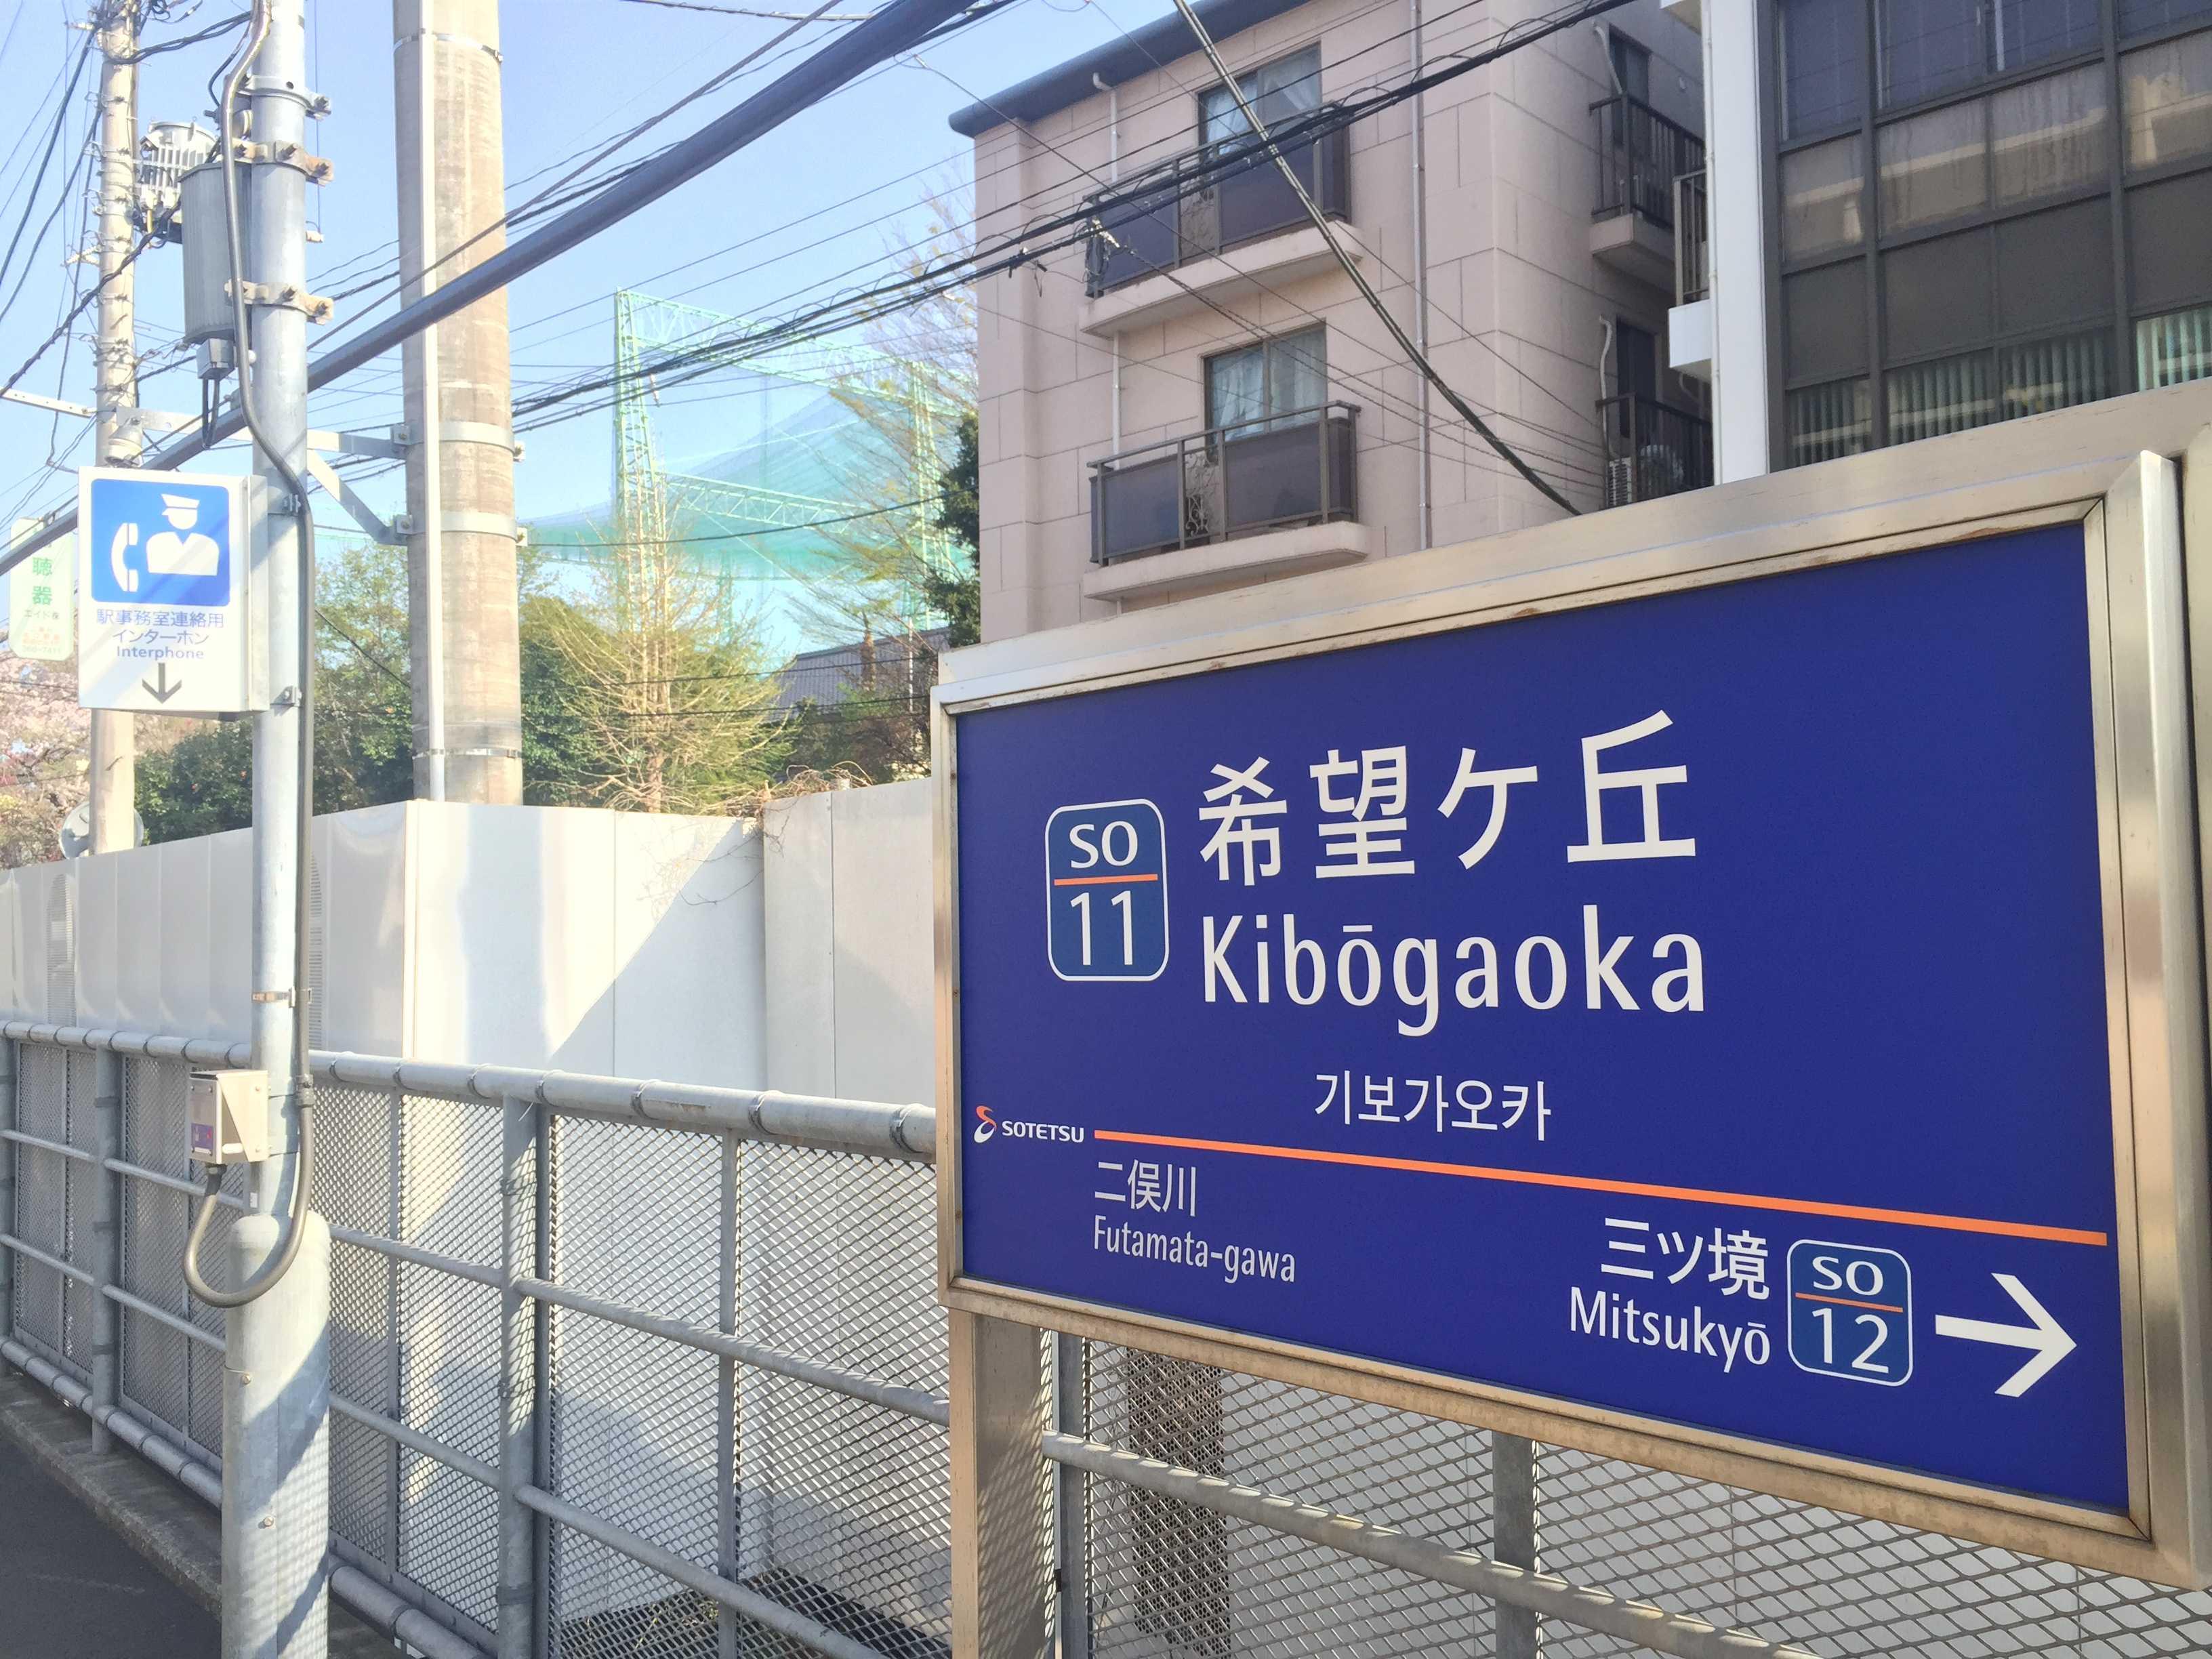 希望ヶ丘(Kibogaoka)